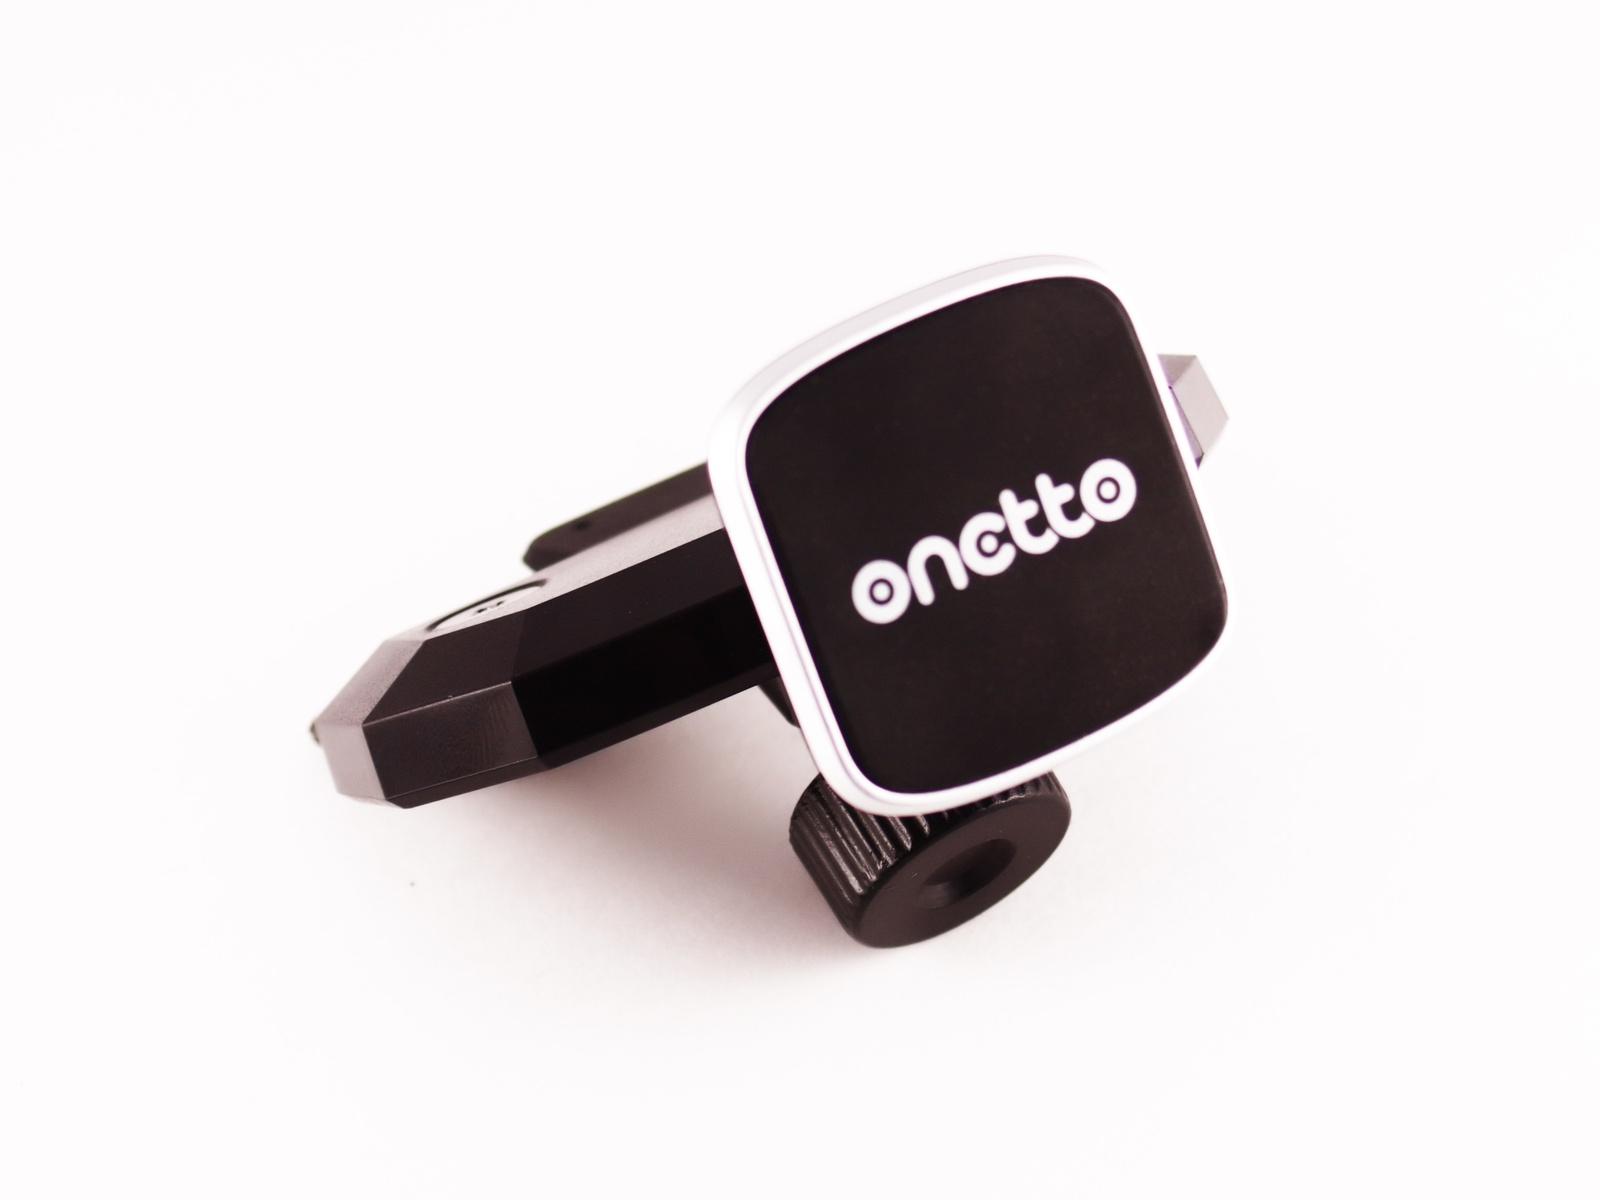 Автомобильный держатель Onetto CD Slot Mount Easy Magnetic